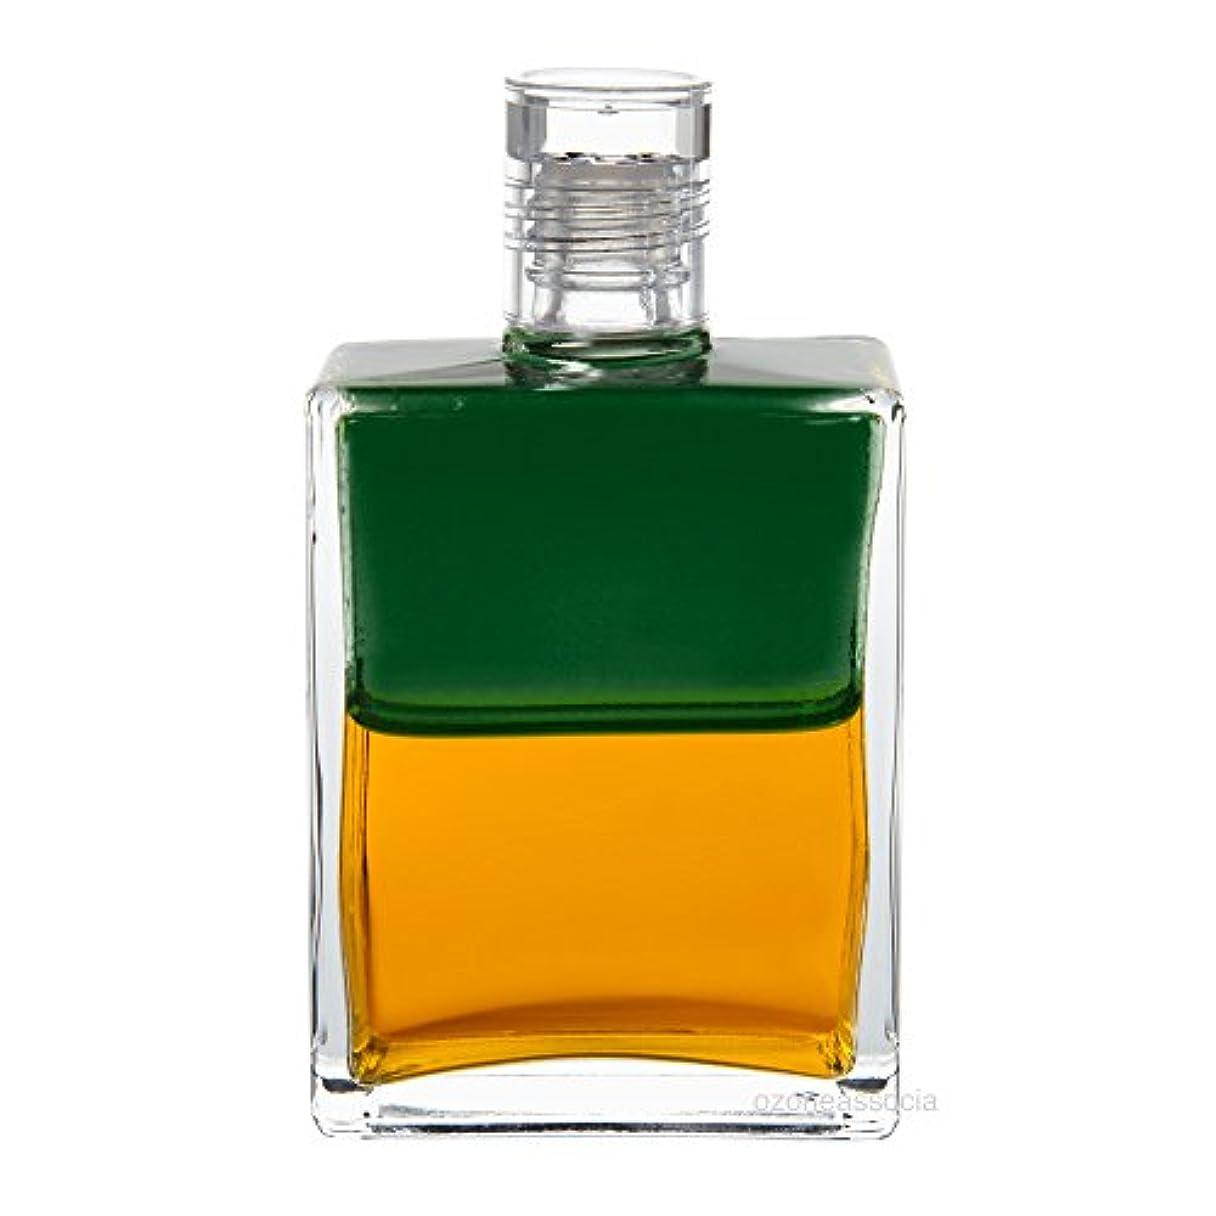 広告主袋レースオーラソーマ ボトル 31番  泉 (グリーン/ゴールド) イクイリブリアムボトル50ml Aurasoma